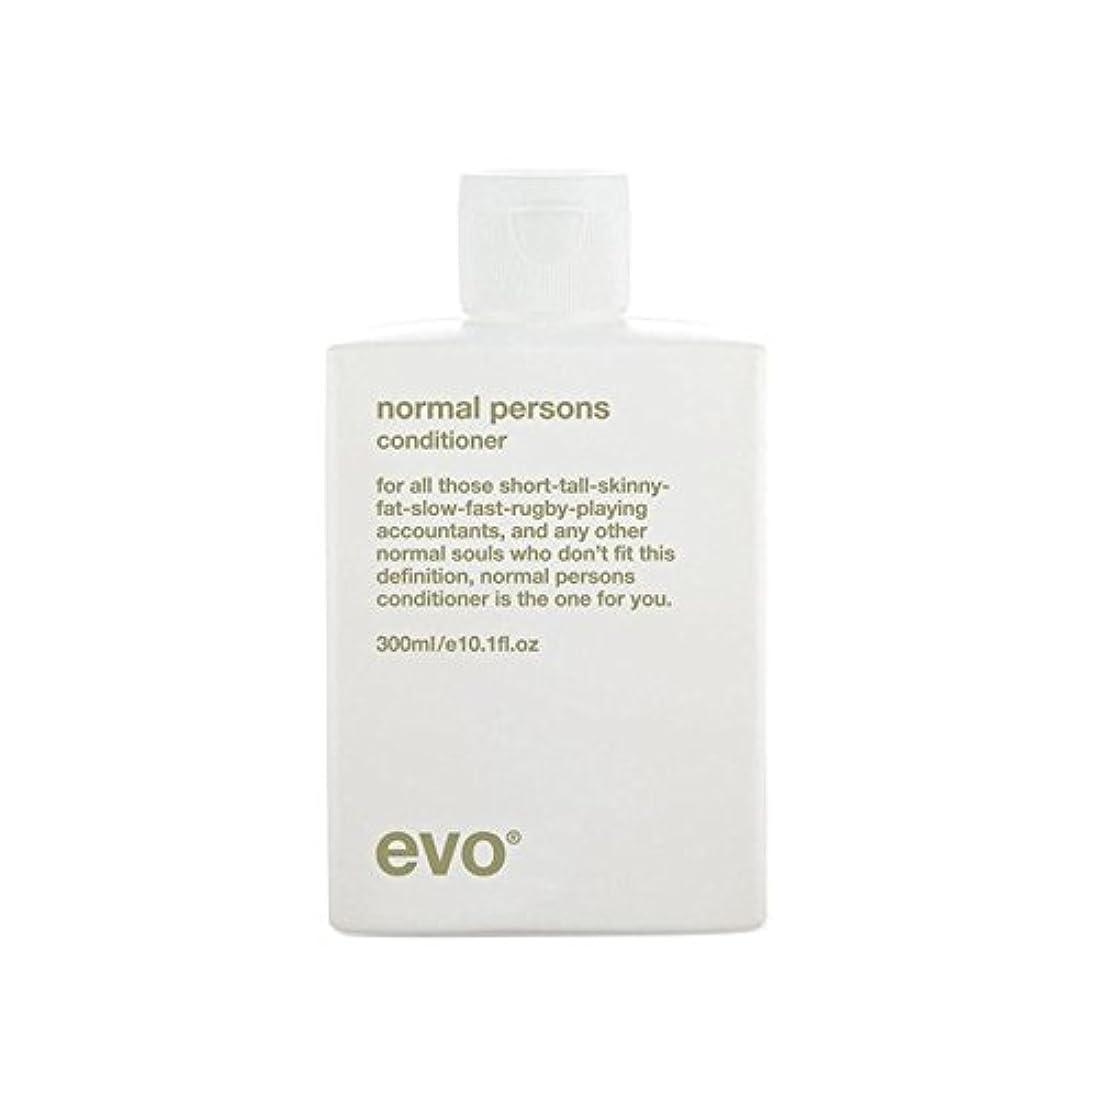 肘しないでください石エボ正常人コンディショナー(300ミリリットル) x4 - Evo Normal Persons Conditioner (300ml) (Pack of 4) [並行輸入品]